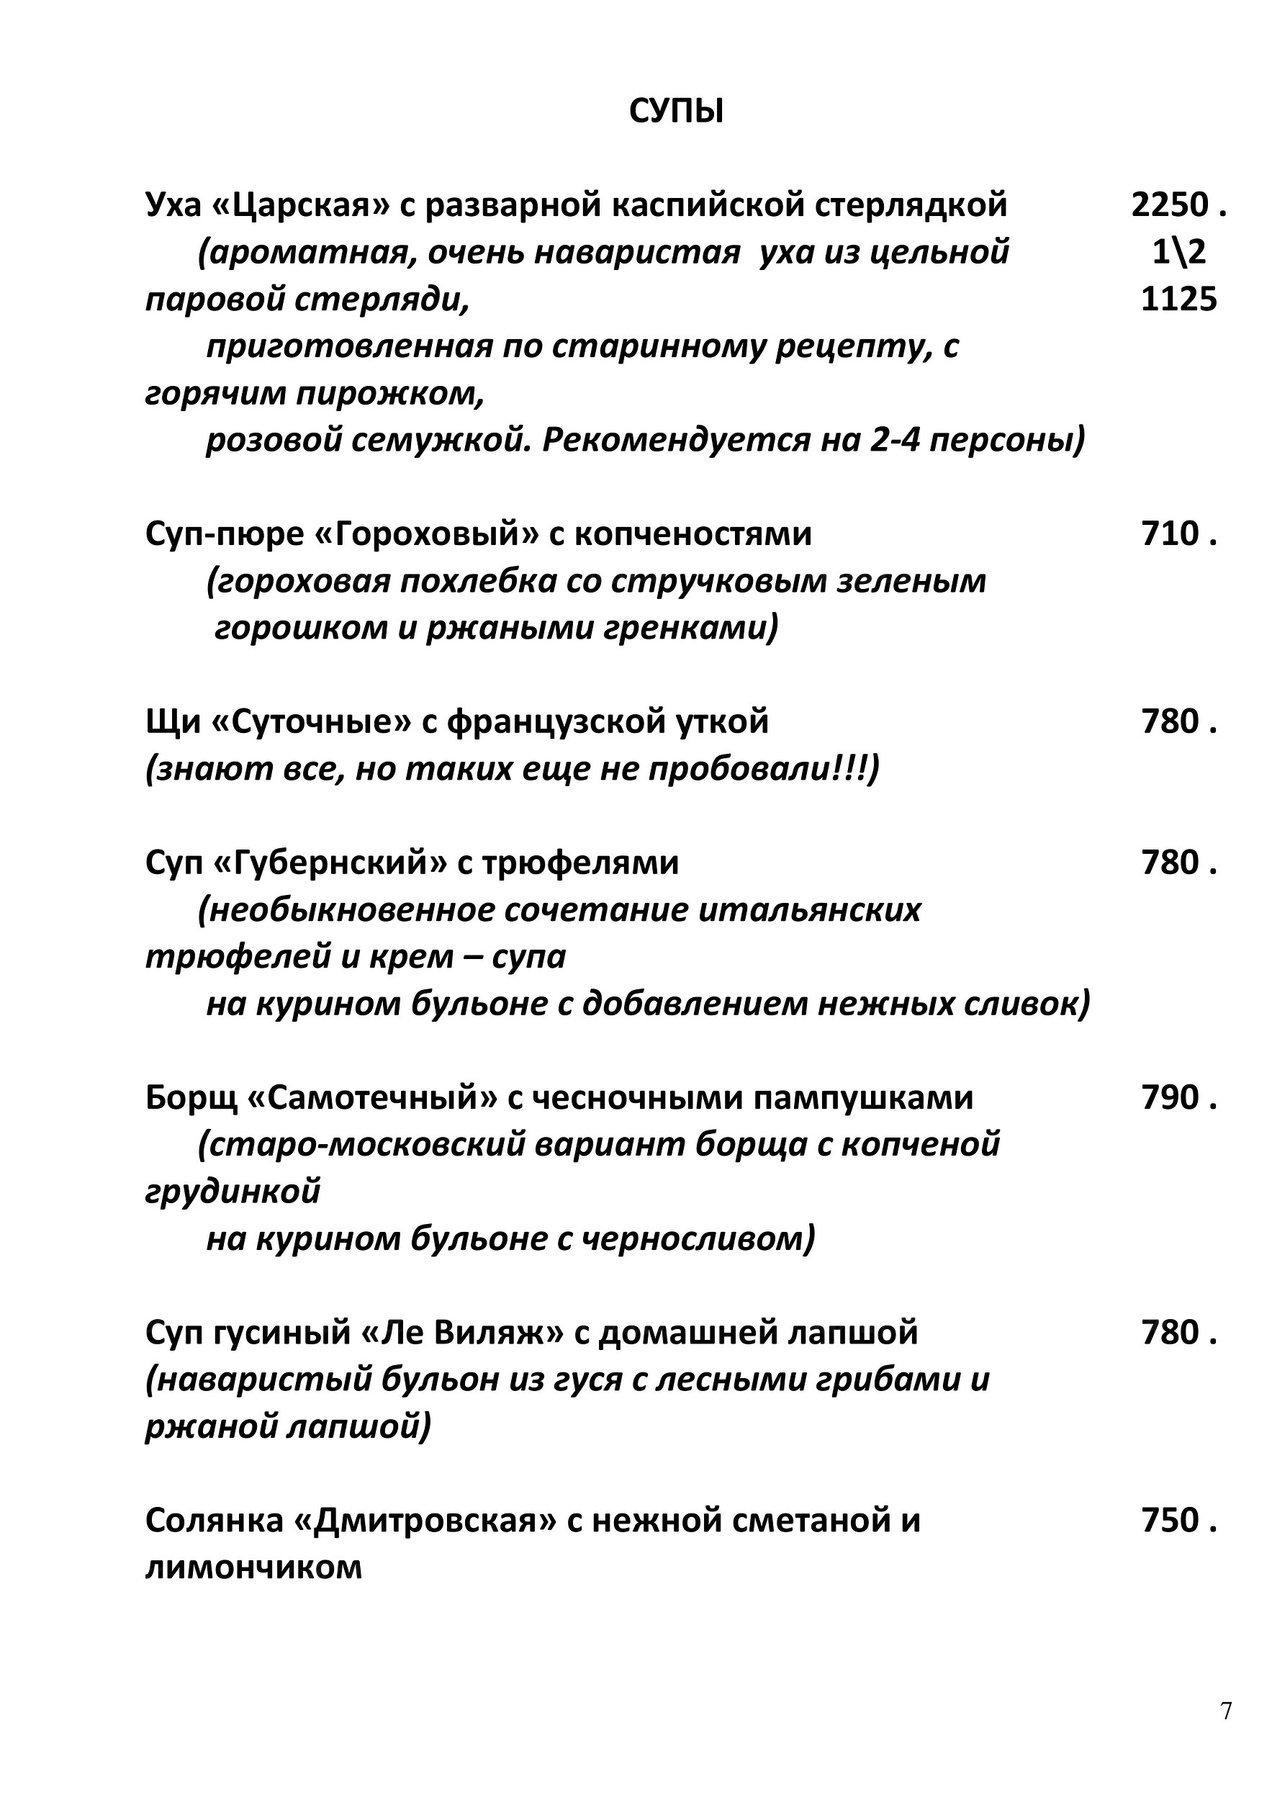 Меню ресторана Семь Пятниц на Воронцовской улице фото 7